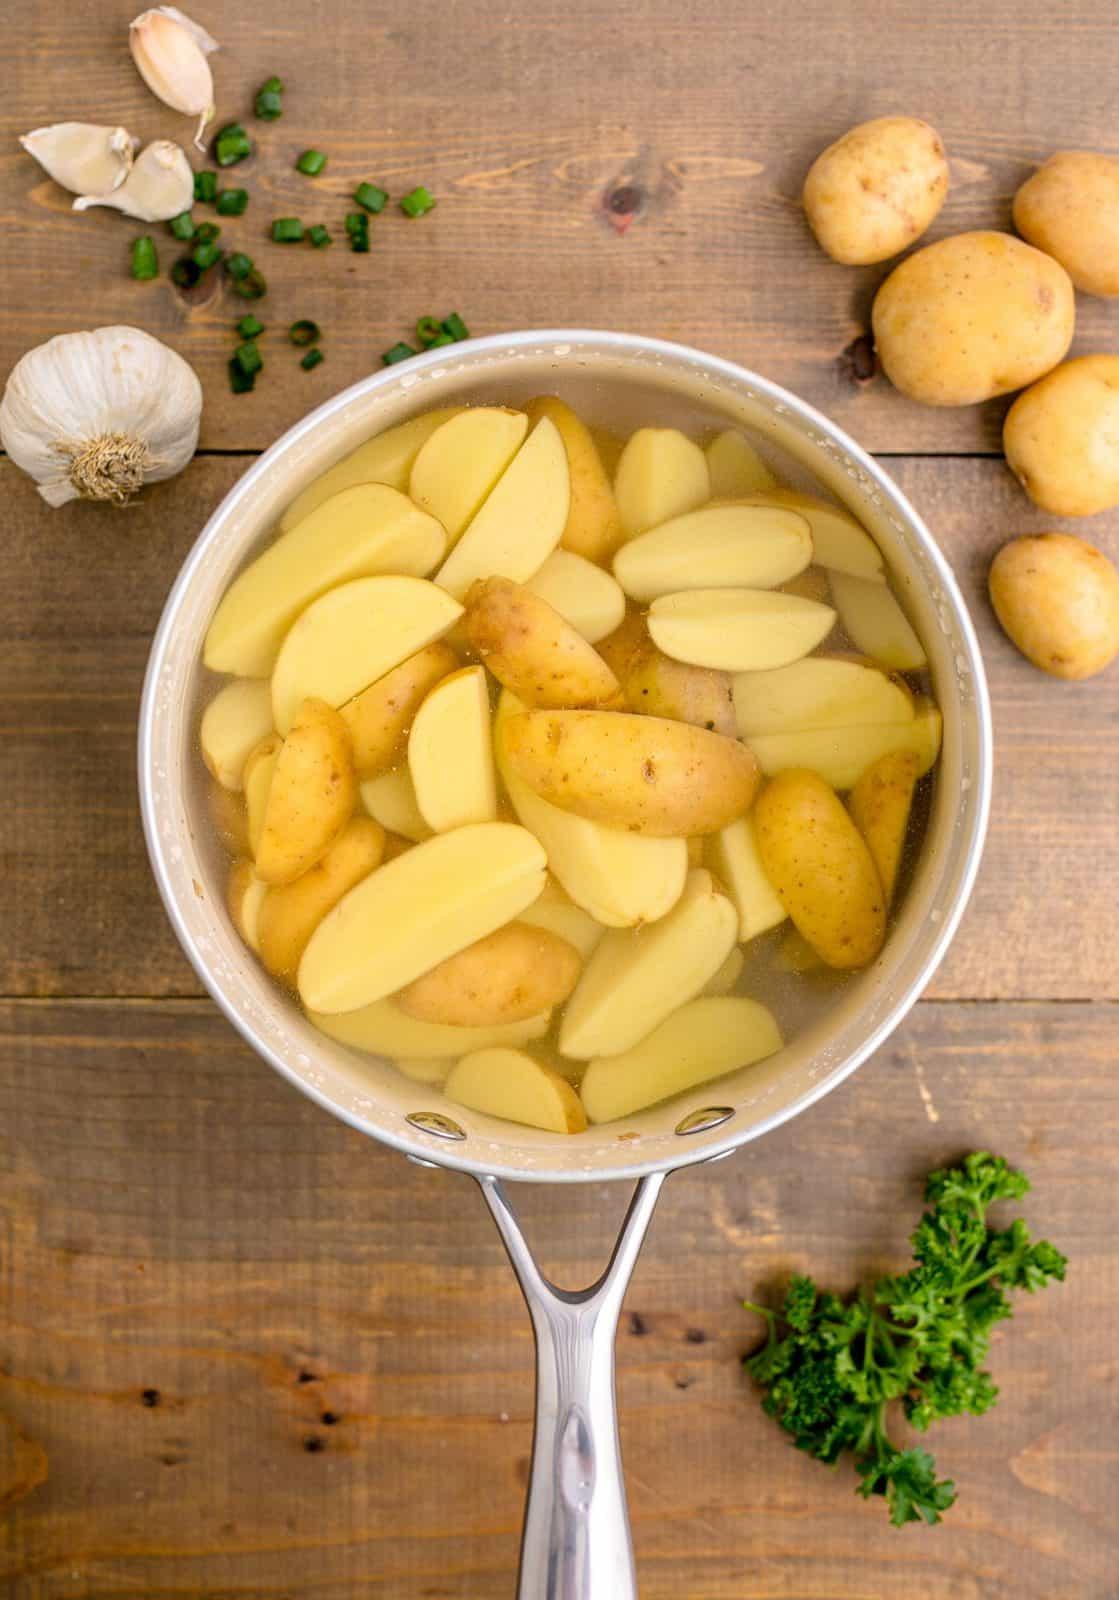 Potatoes being par-boiled in pan.